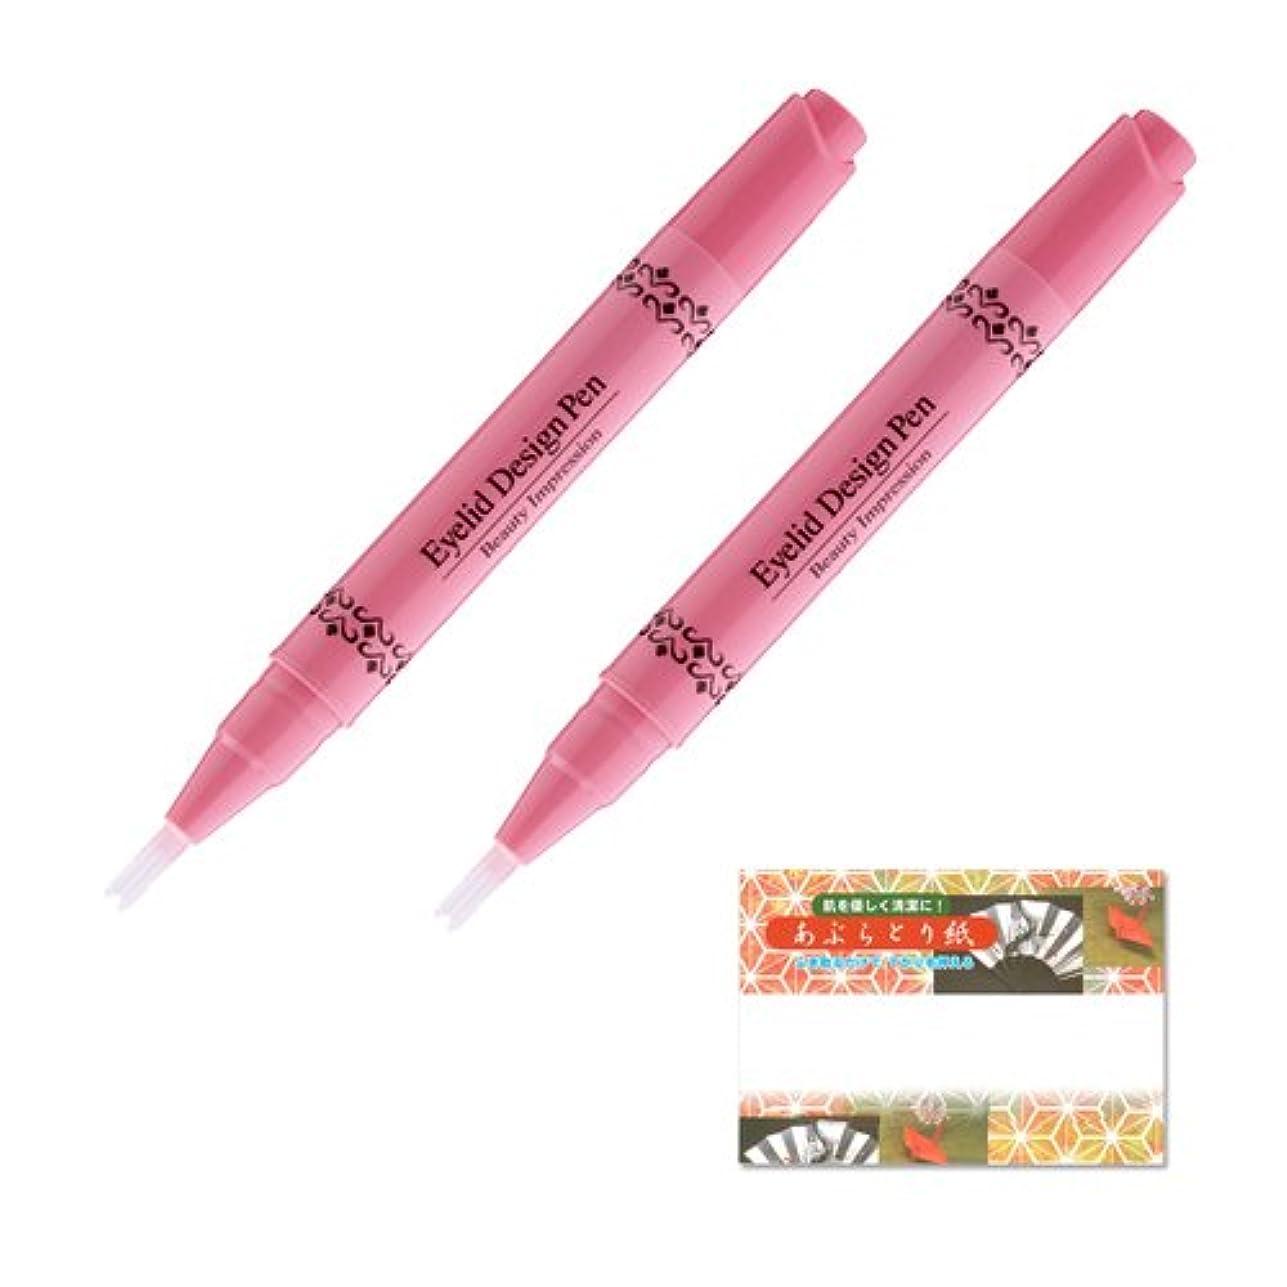 インキュバス船形ドラマBeauty Impression アイリッドデザインペン 2ml (二重まぶた形成化粧品) ×2組 油取り紙のセット